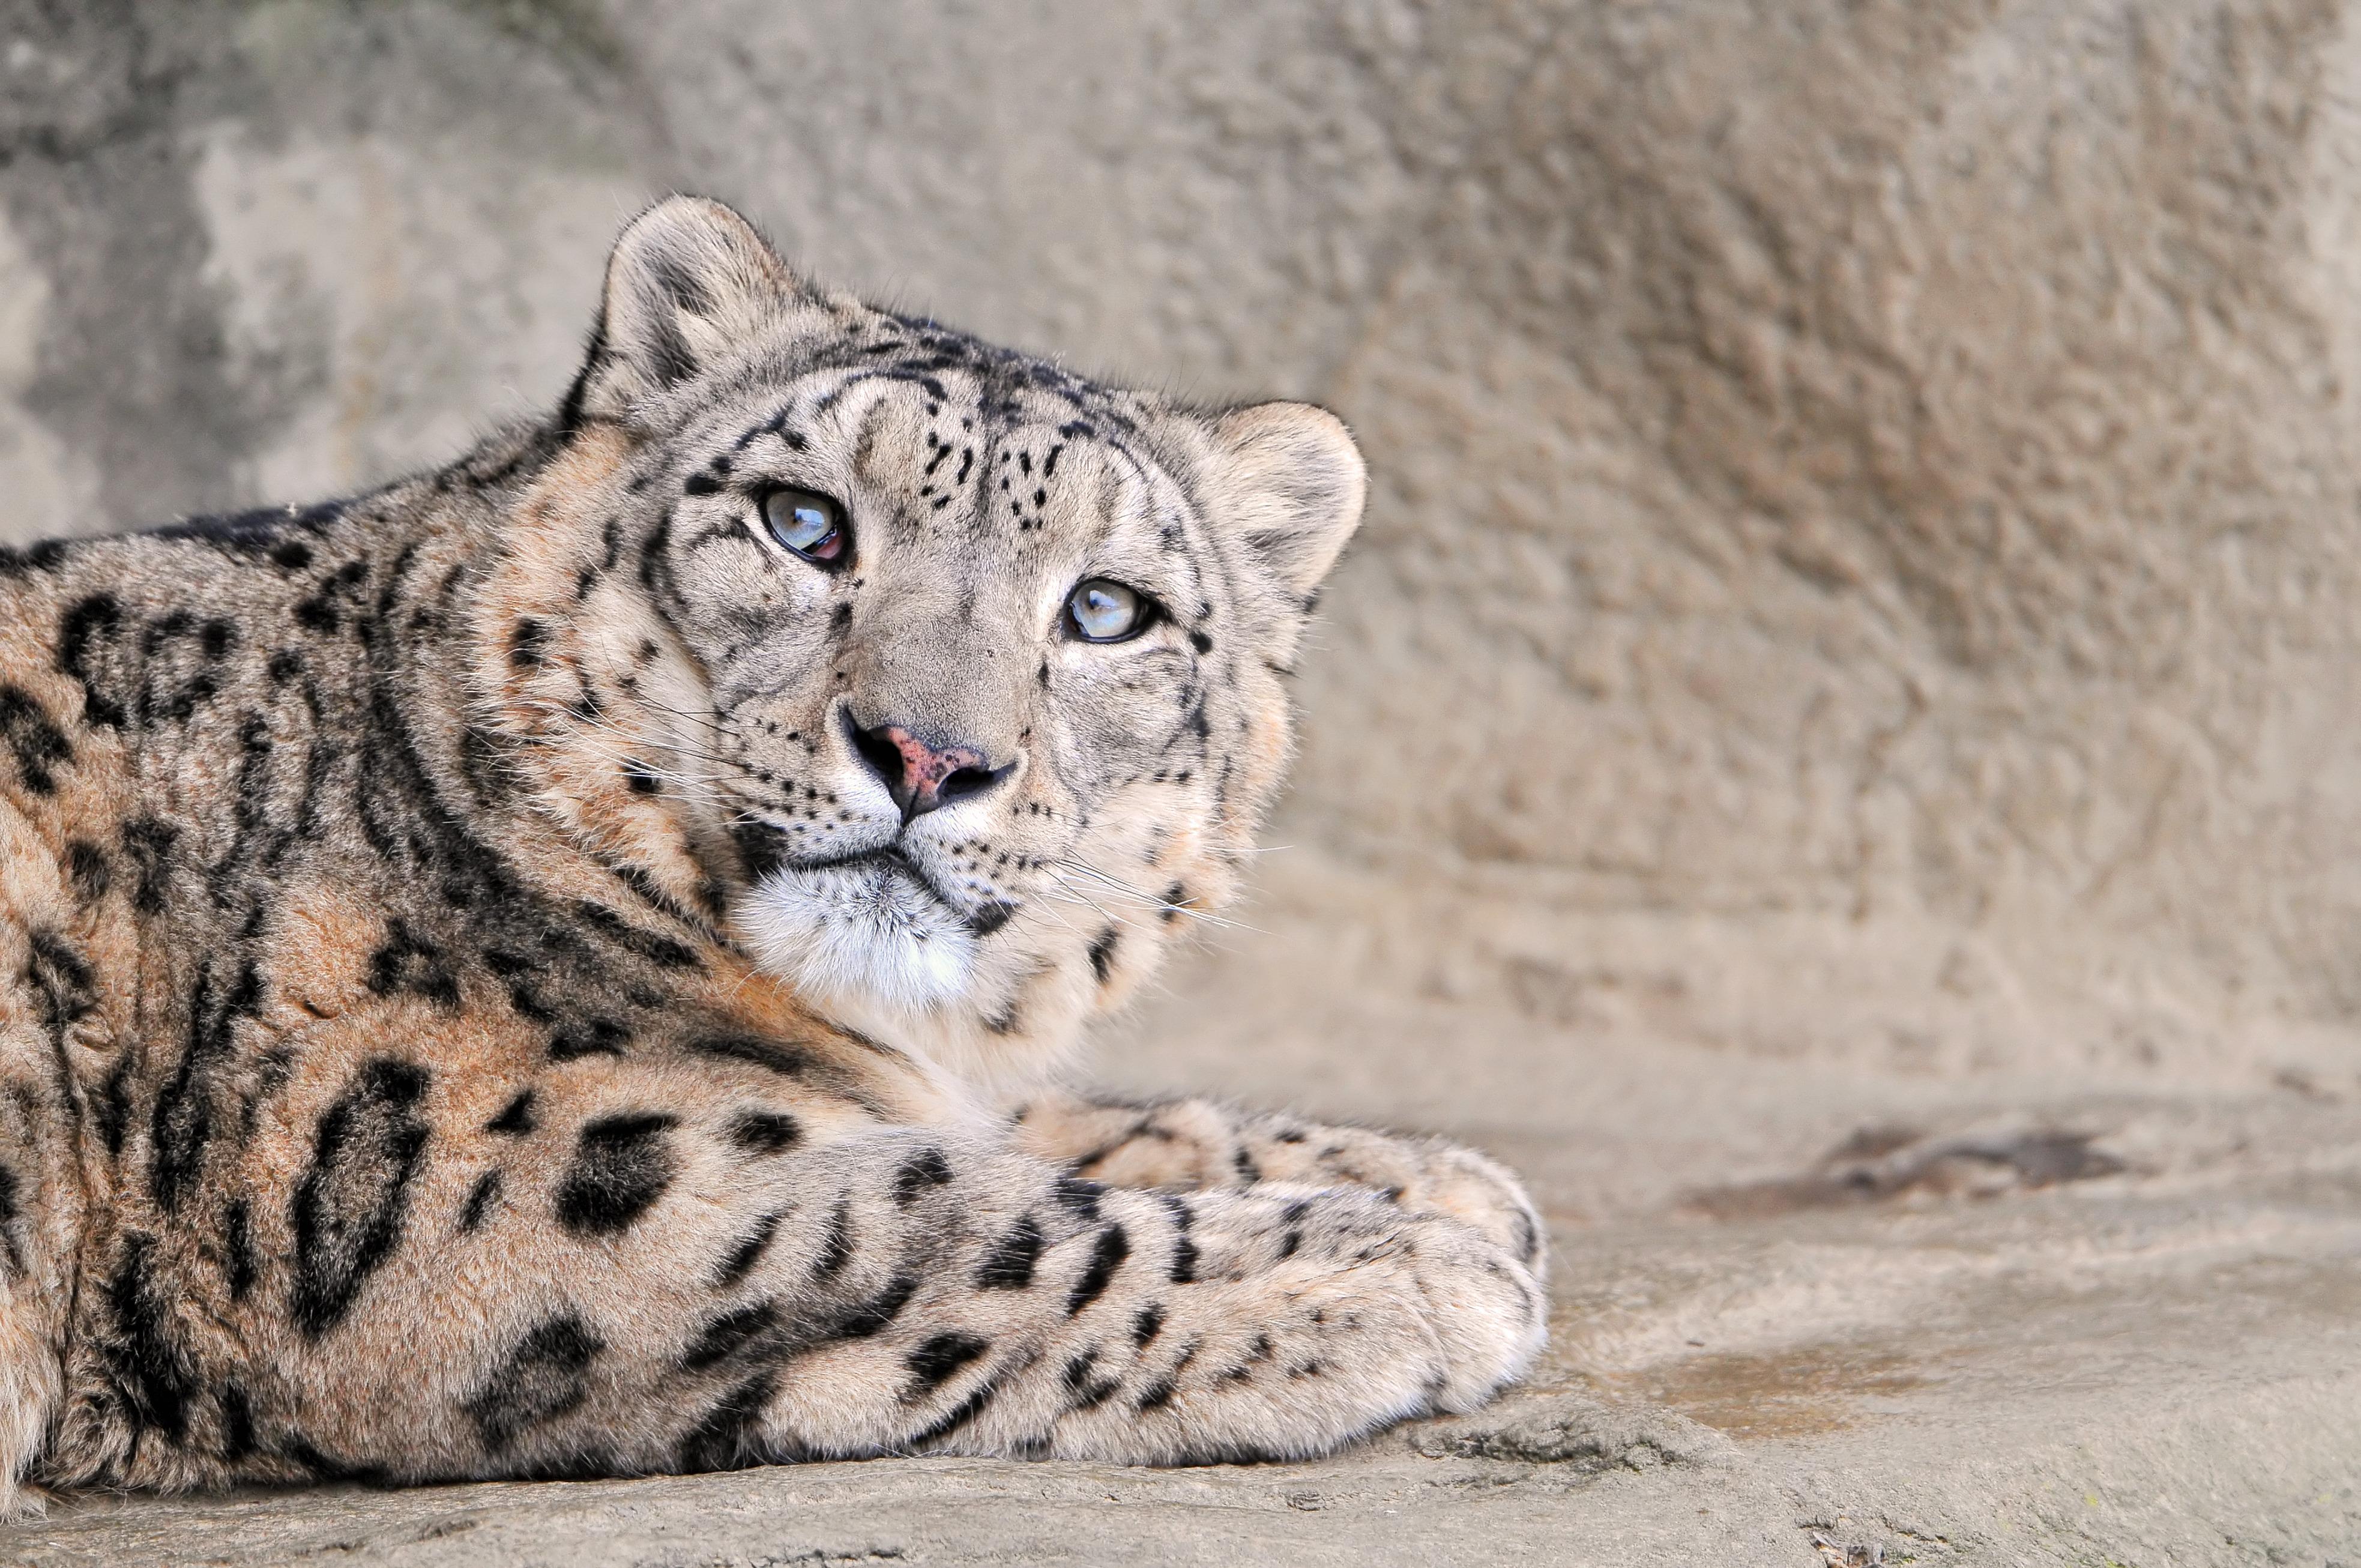 животные снежный леопард бесплатно